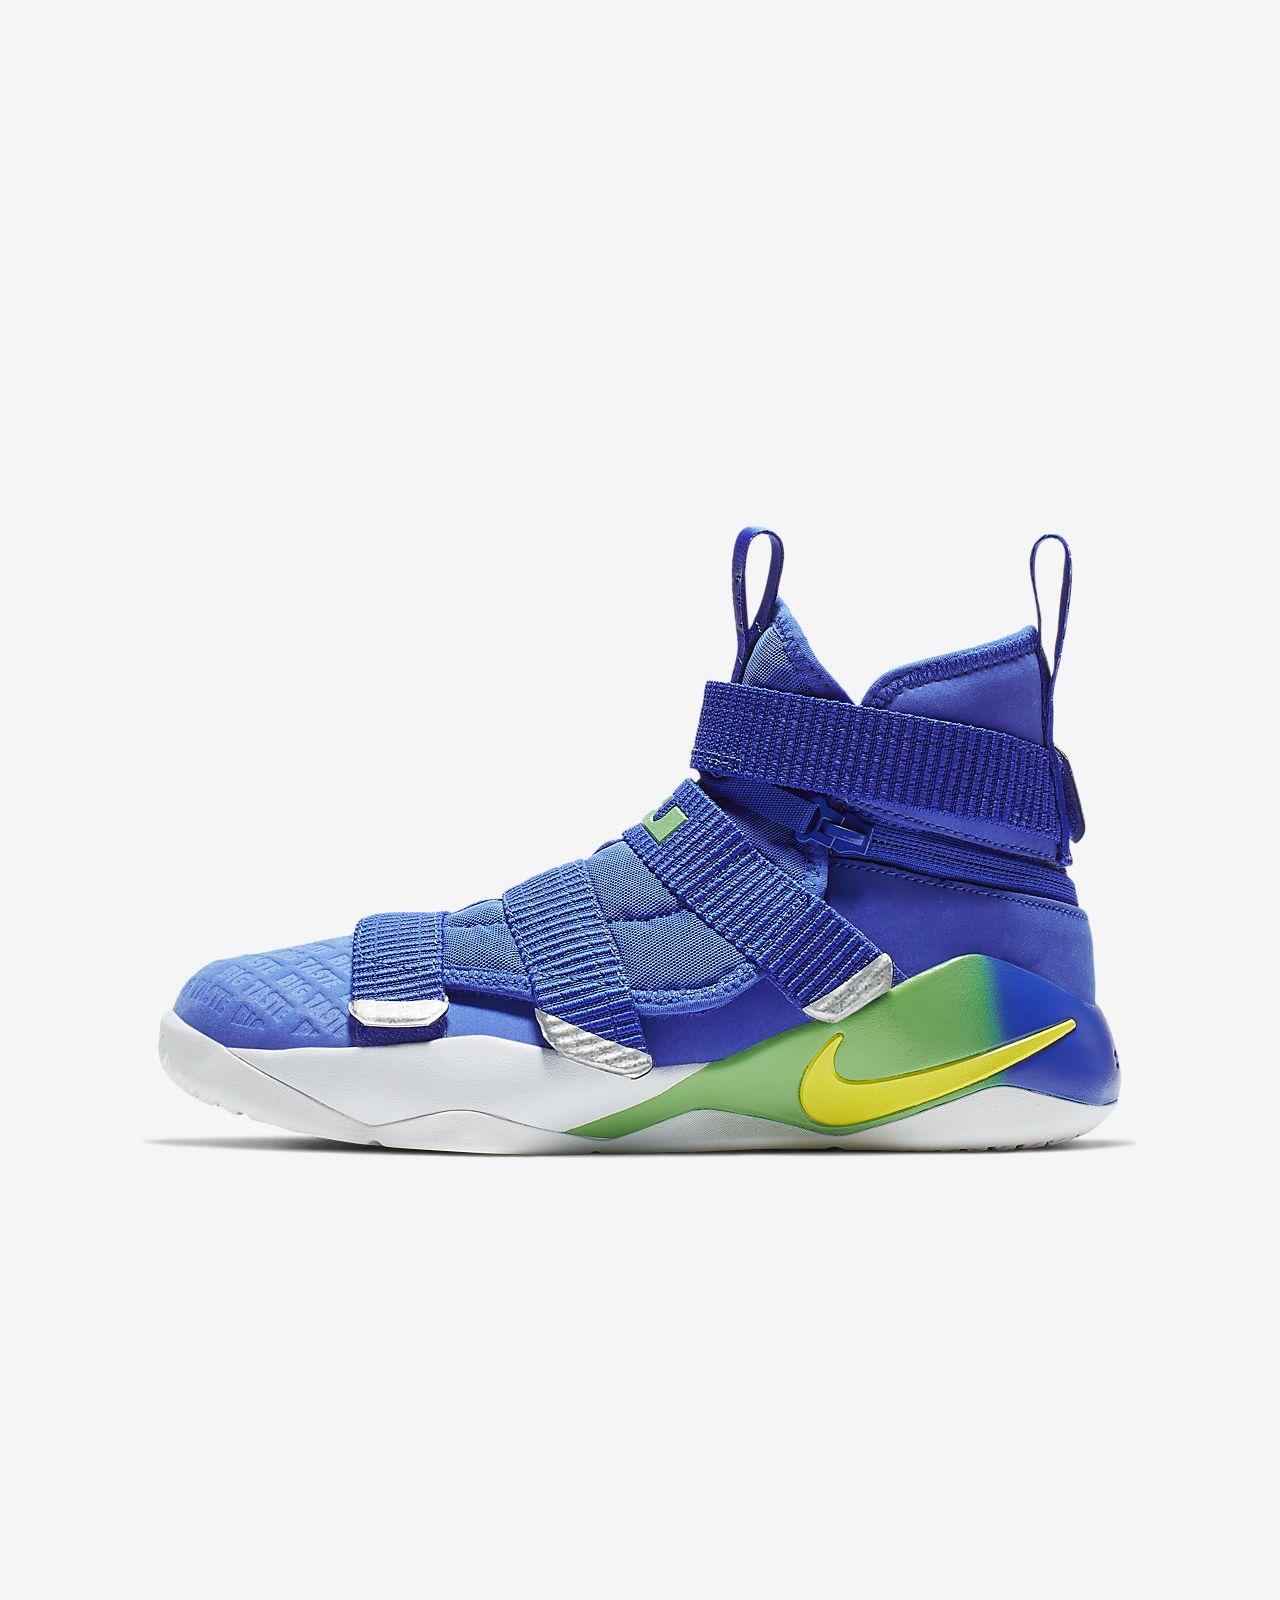 Buty do koszykówki dla dużych dzieci LeBron Soldier 11 FlyEase